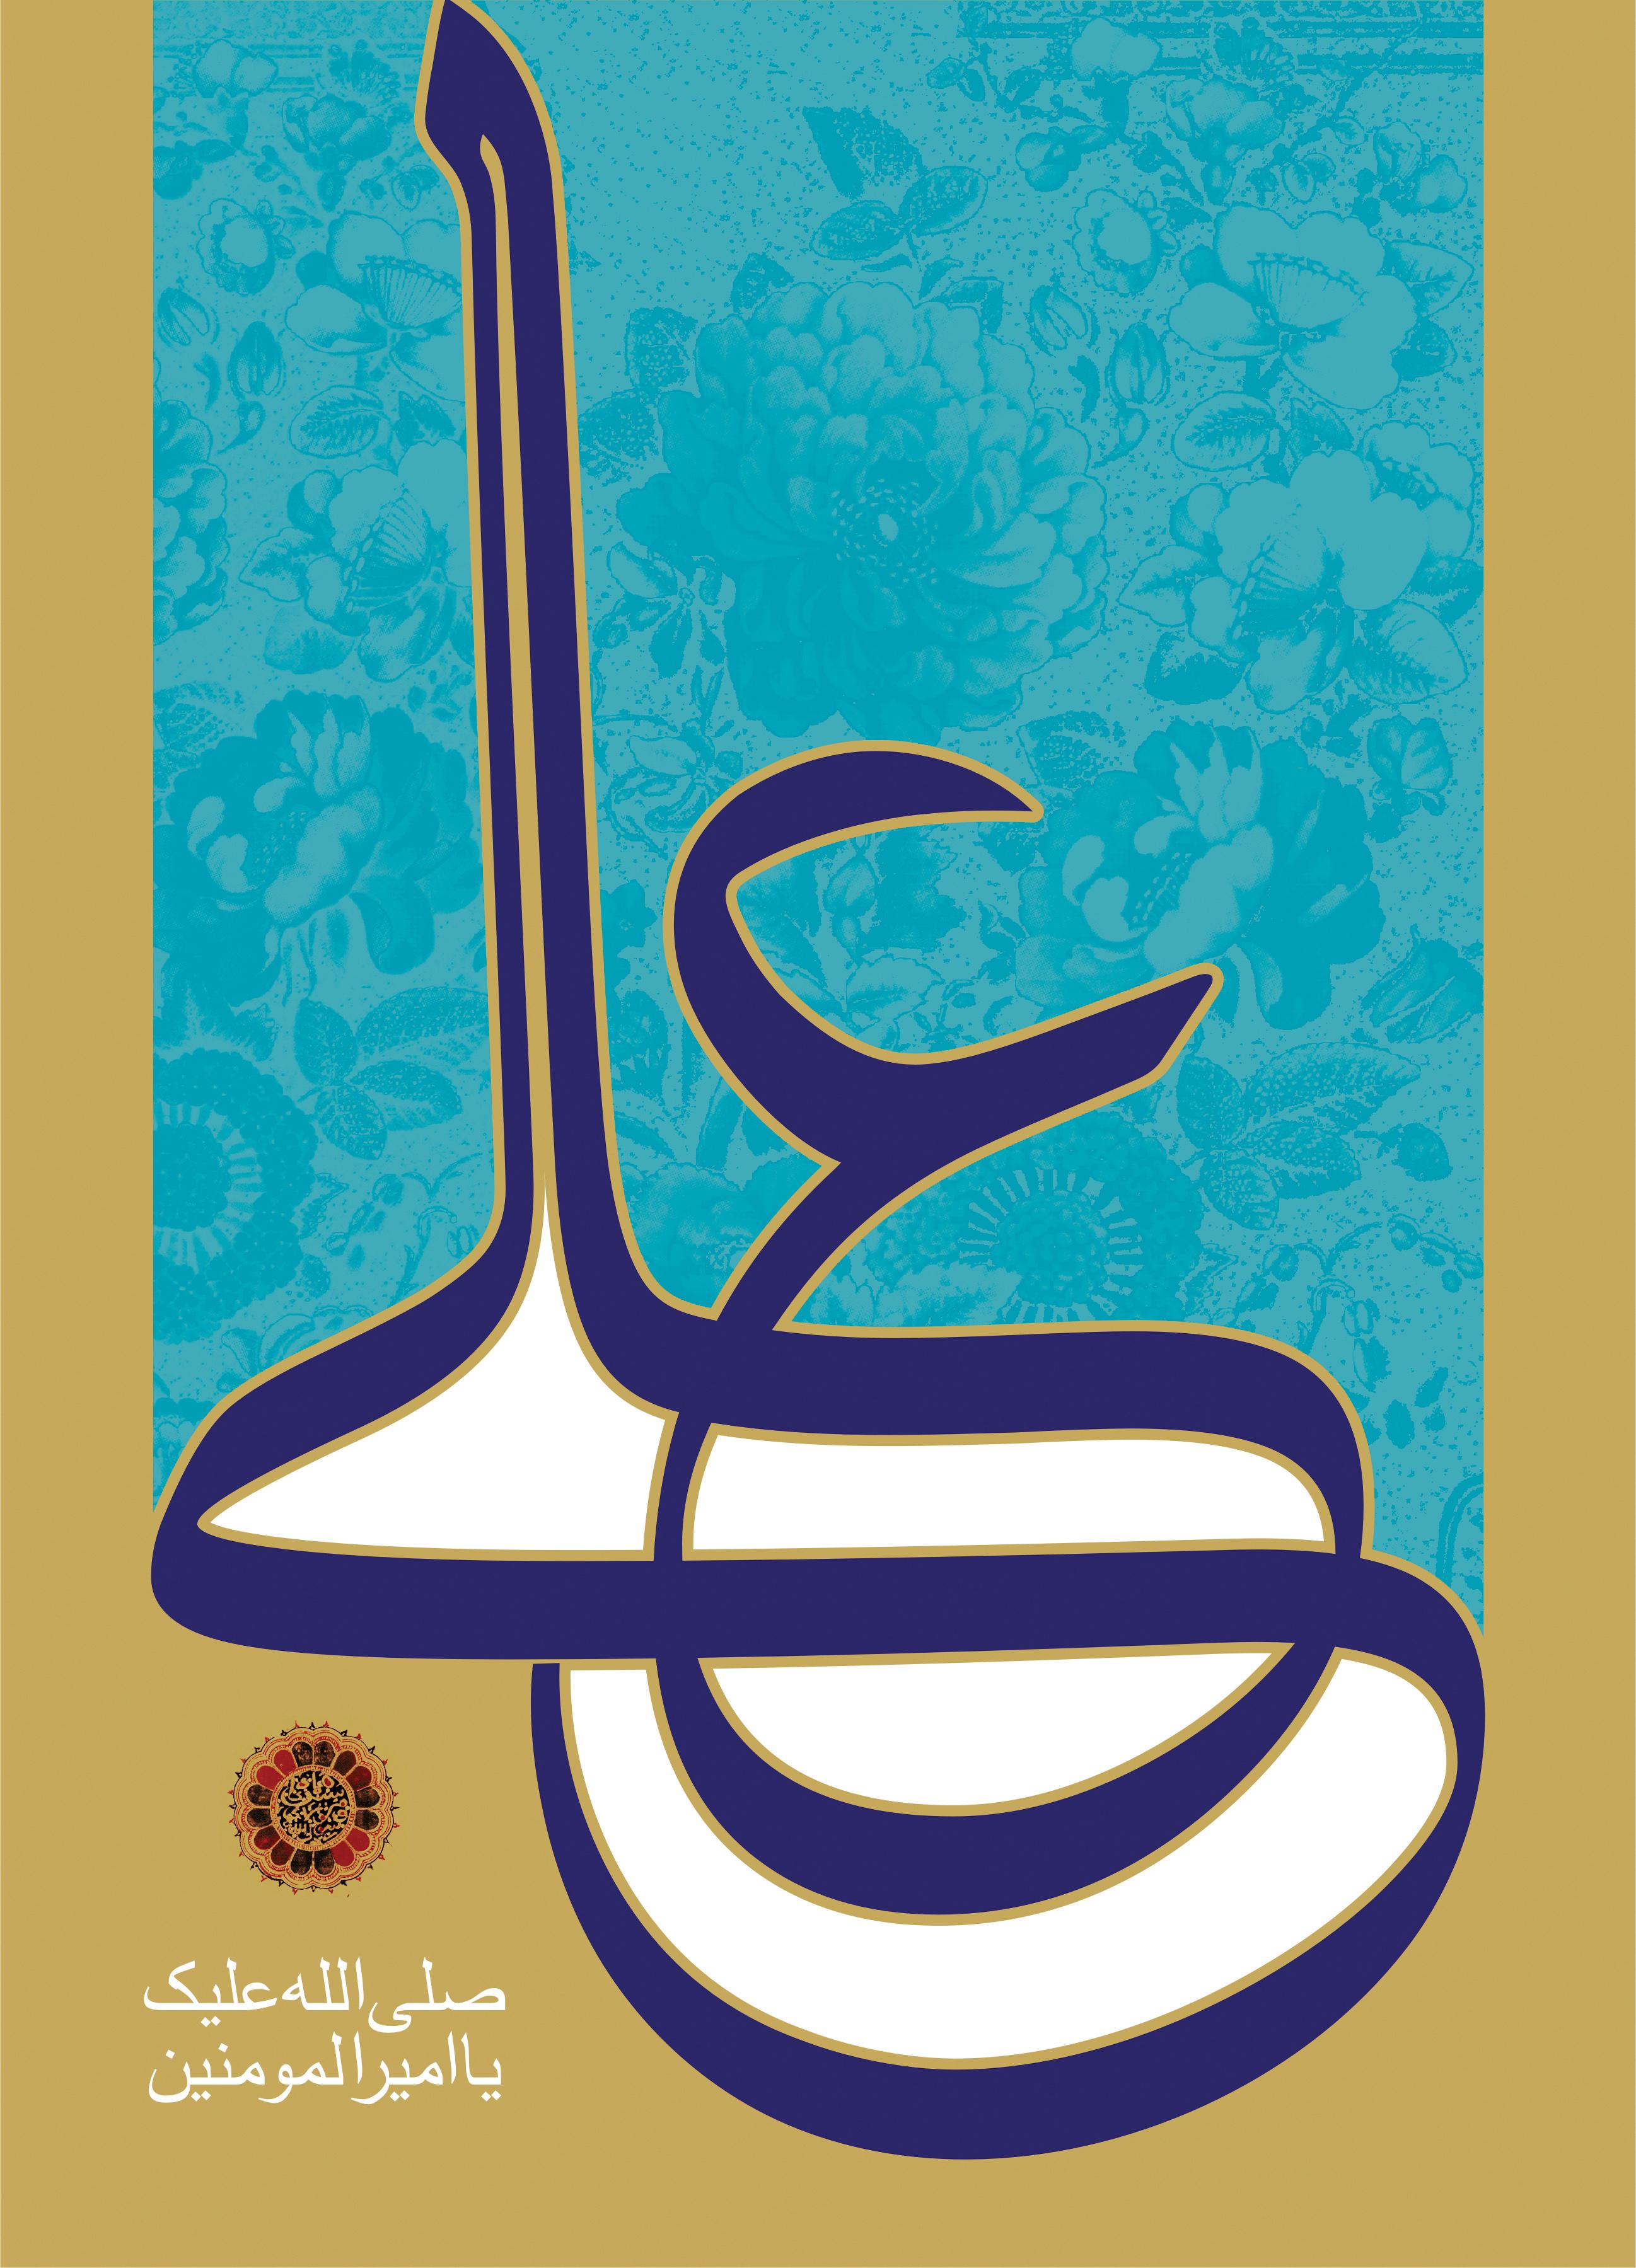 تصاویر پوستر ولادت امام علی و روز پدر